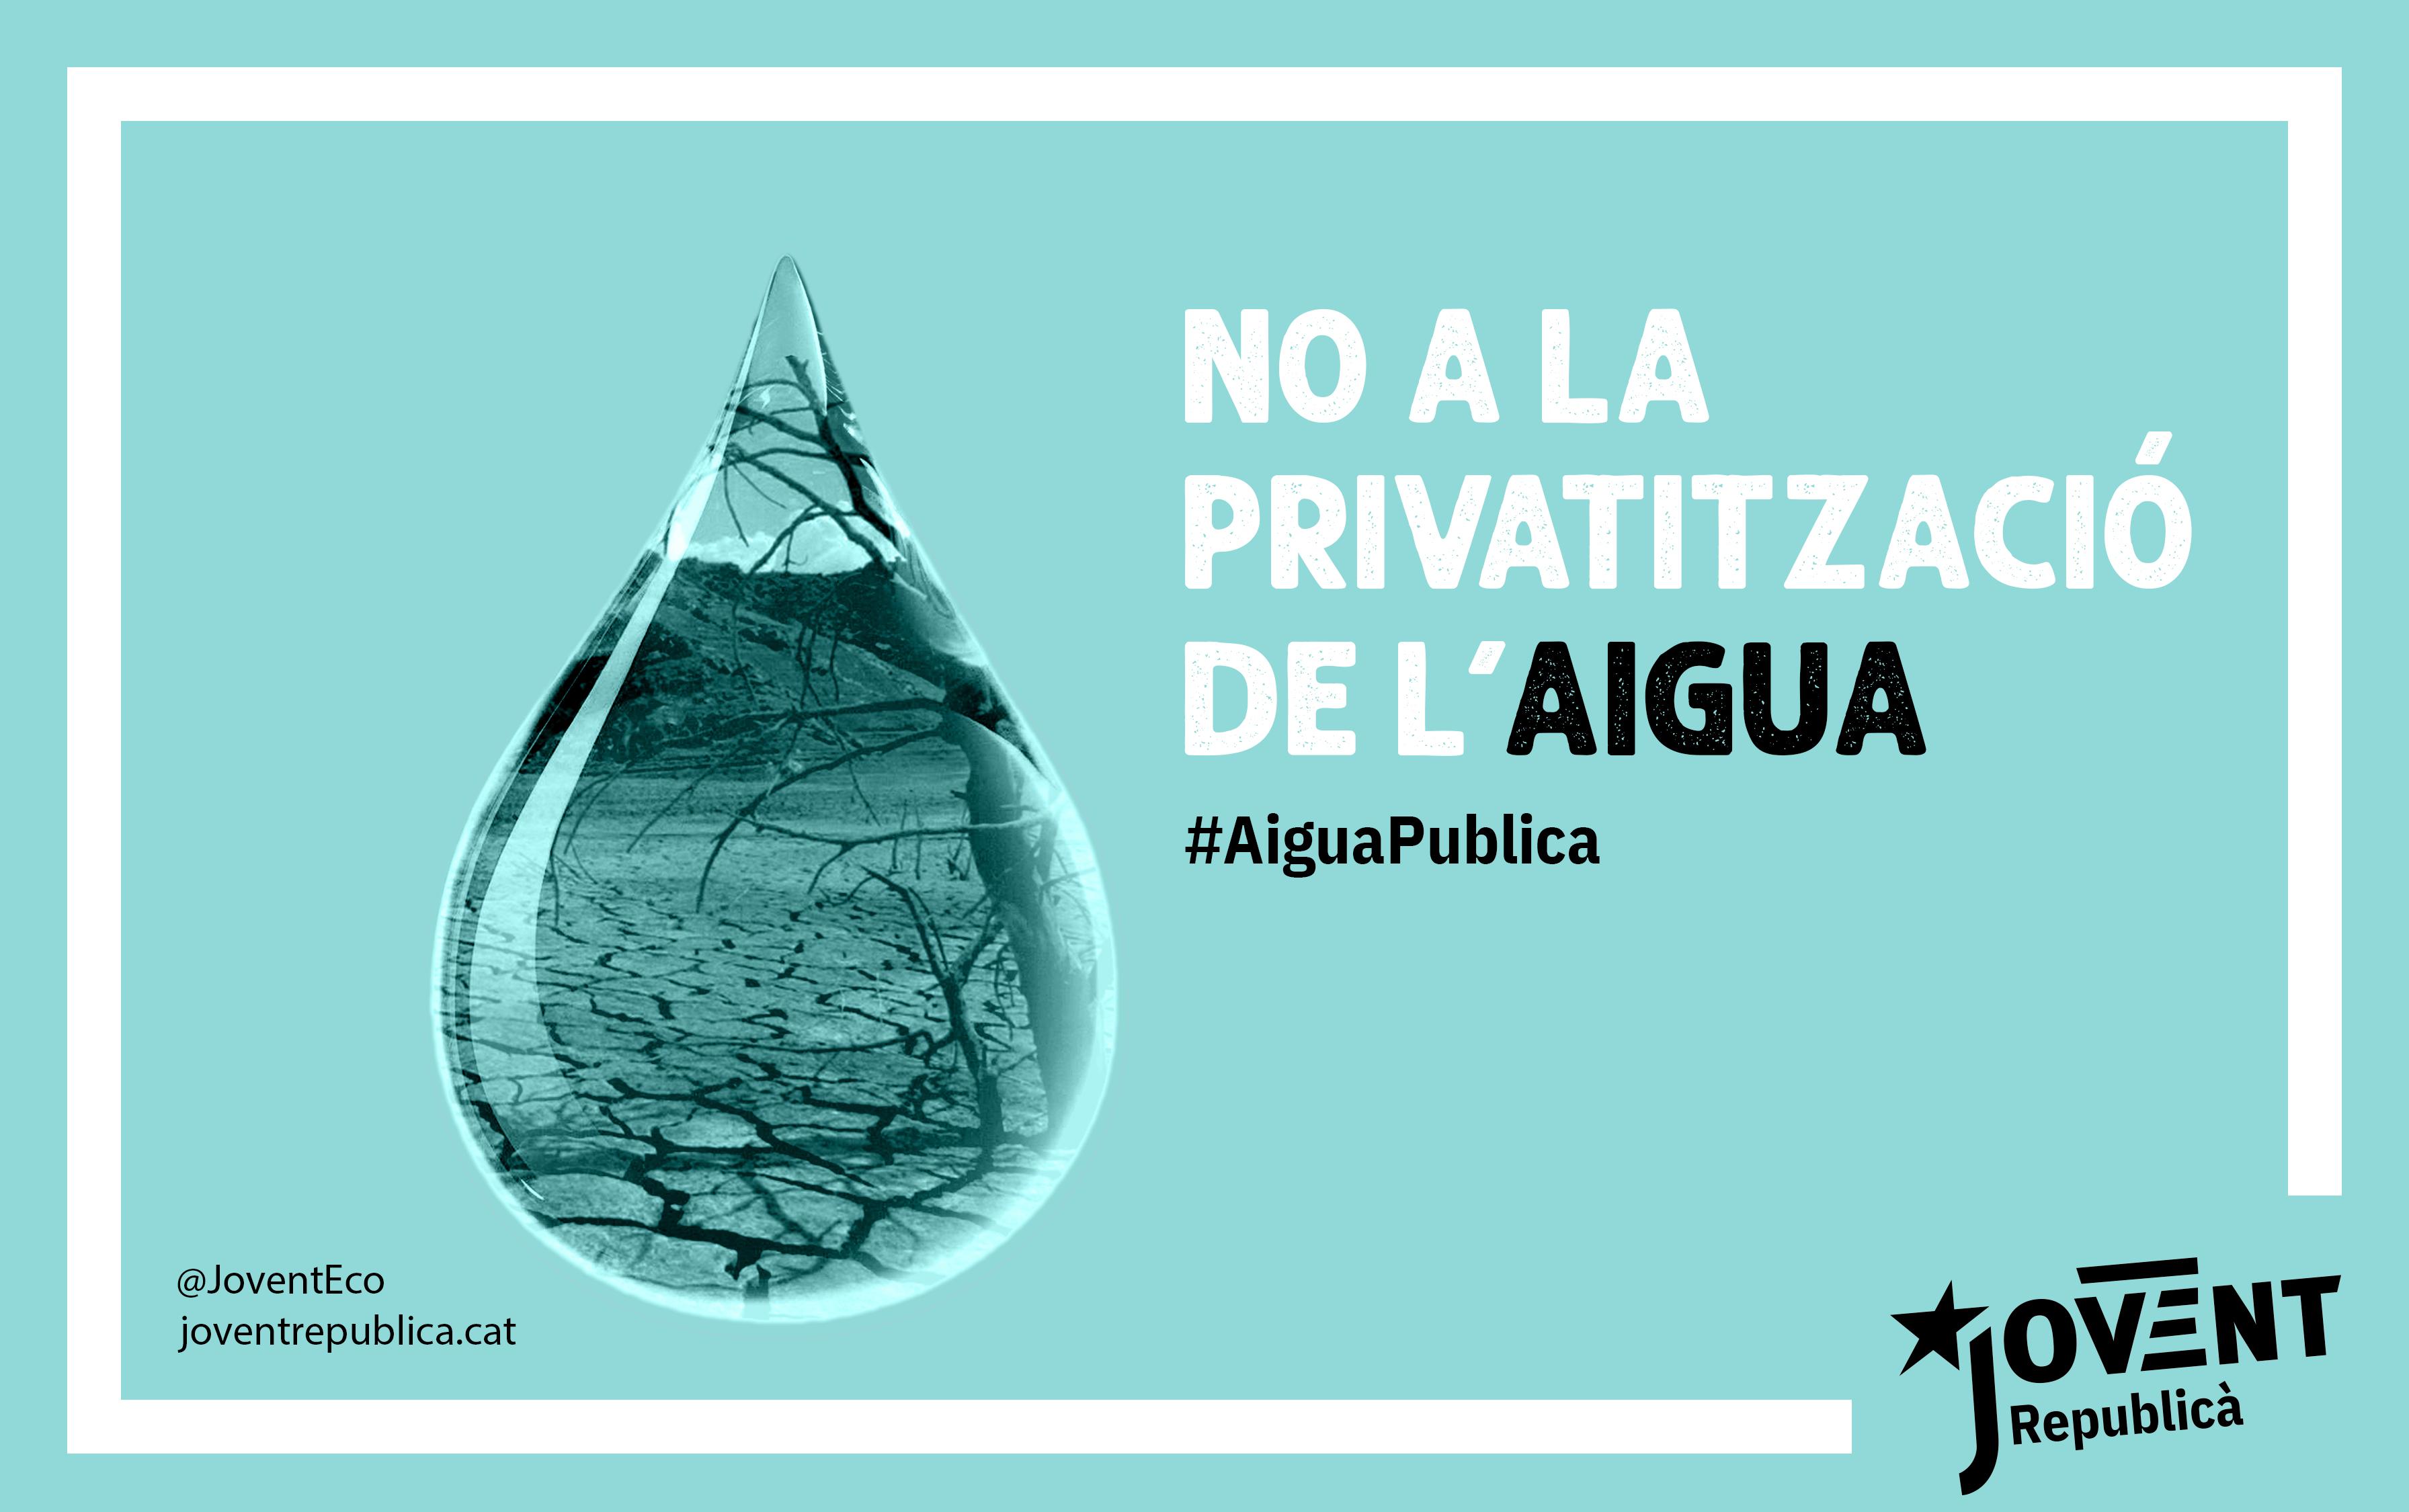 Garantim el valor social i ecològic de l'aigua